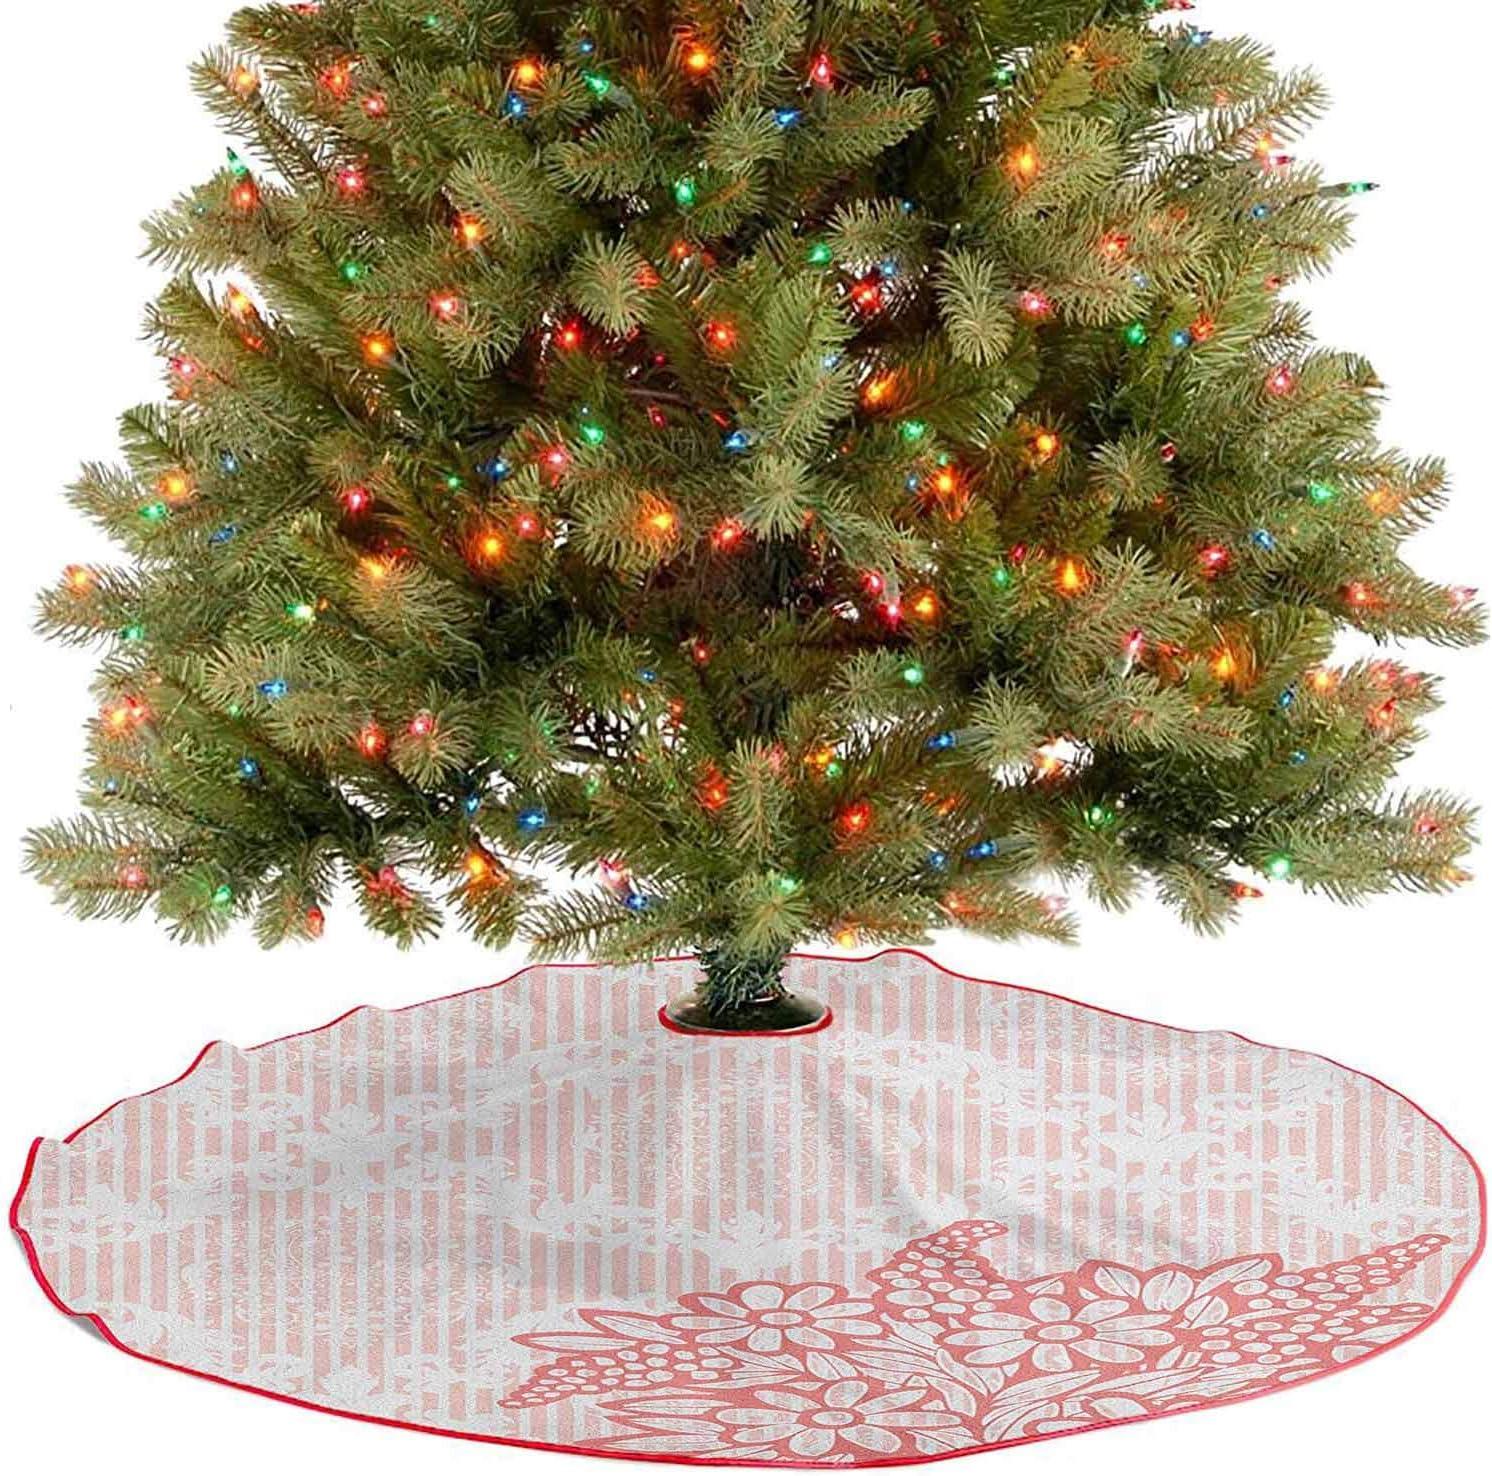 Homesonne Falda grande para árbol de Navidad con diseño de cuadros reales antiguos, decoración de fiesta, perfecta para tu decoración de vacaciones, color coral rosa pálido de 122 cm